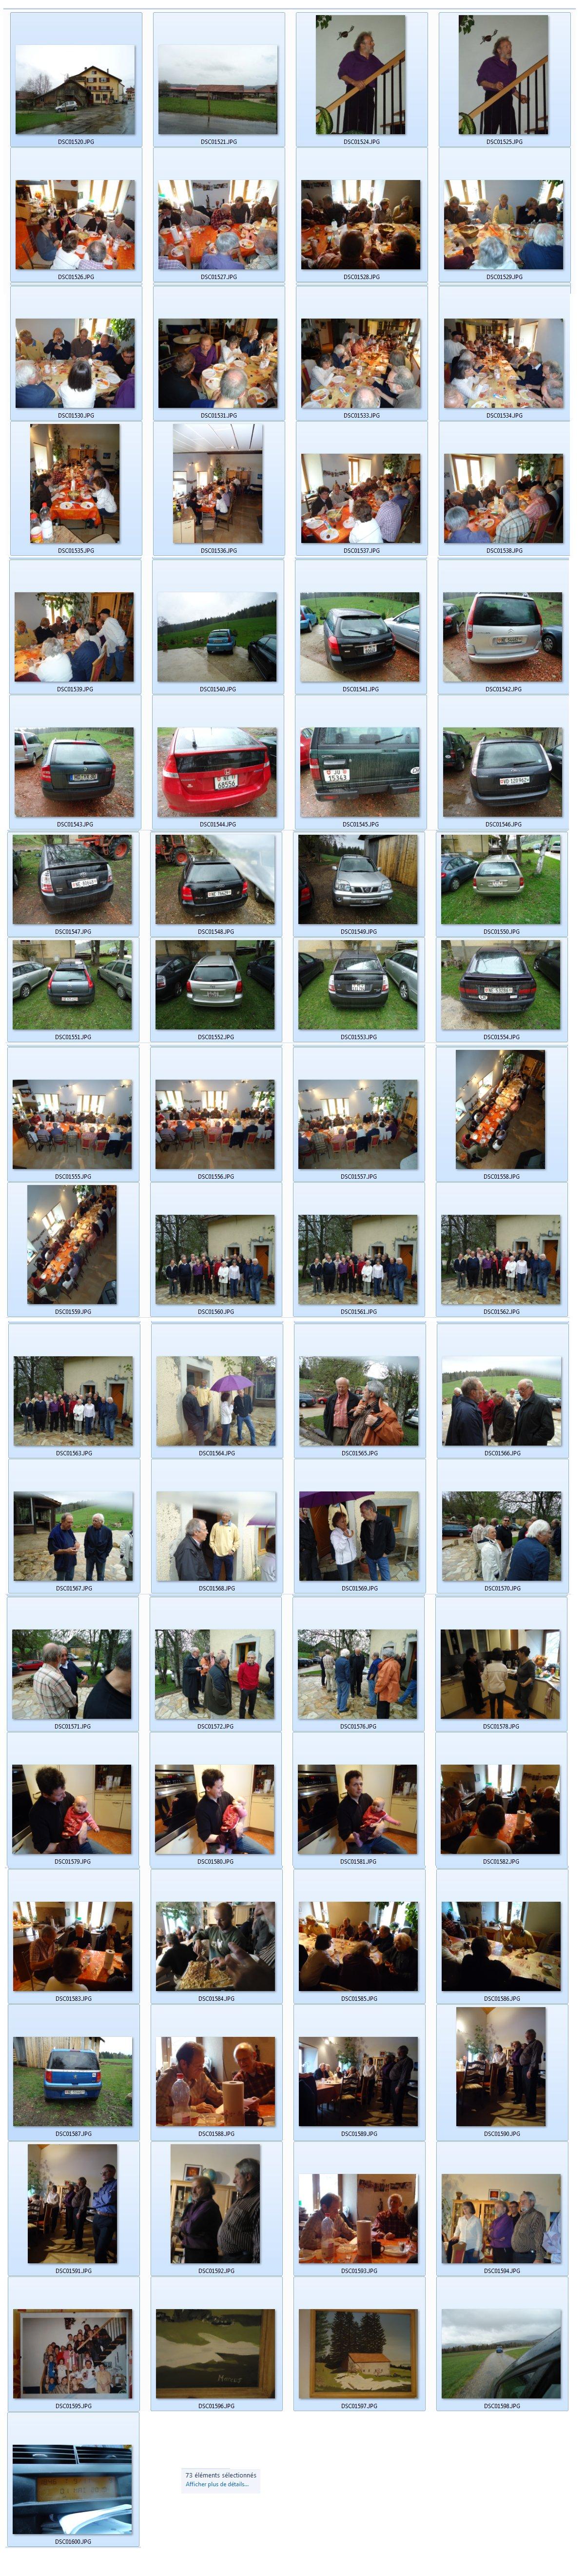 miniatures (pour faire votre choix) des photos prises à Martel Dernier samedi 1er mai 2010, entre midi et 18h45